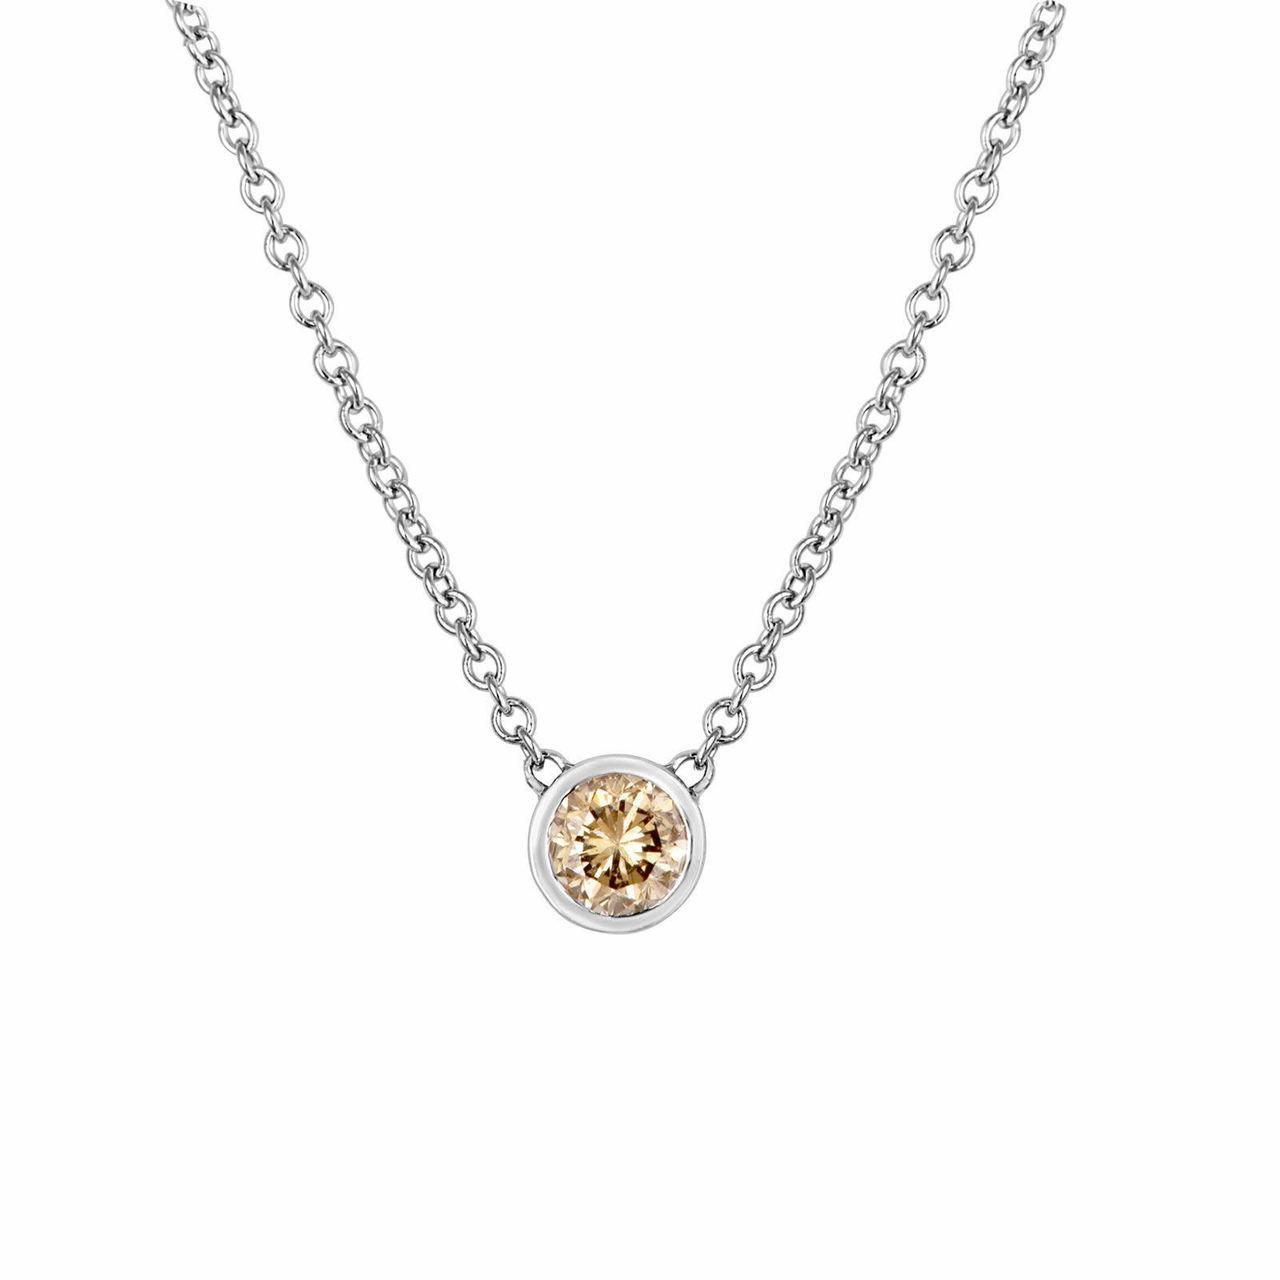 Bezel Diamond Necklace By The Yard